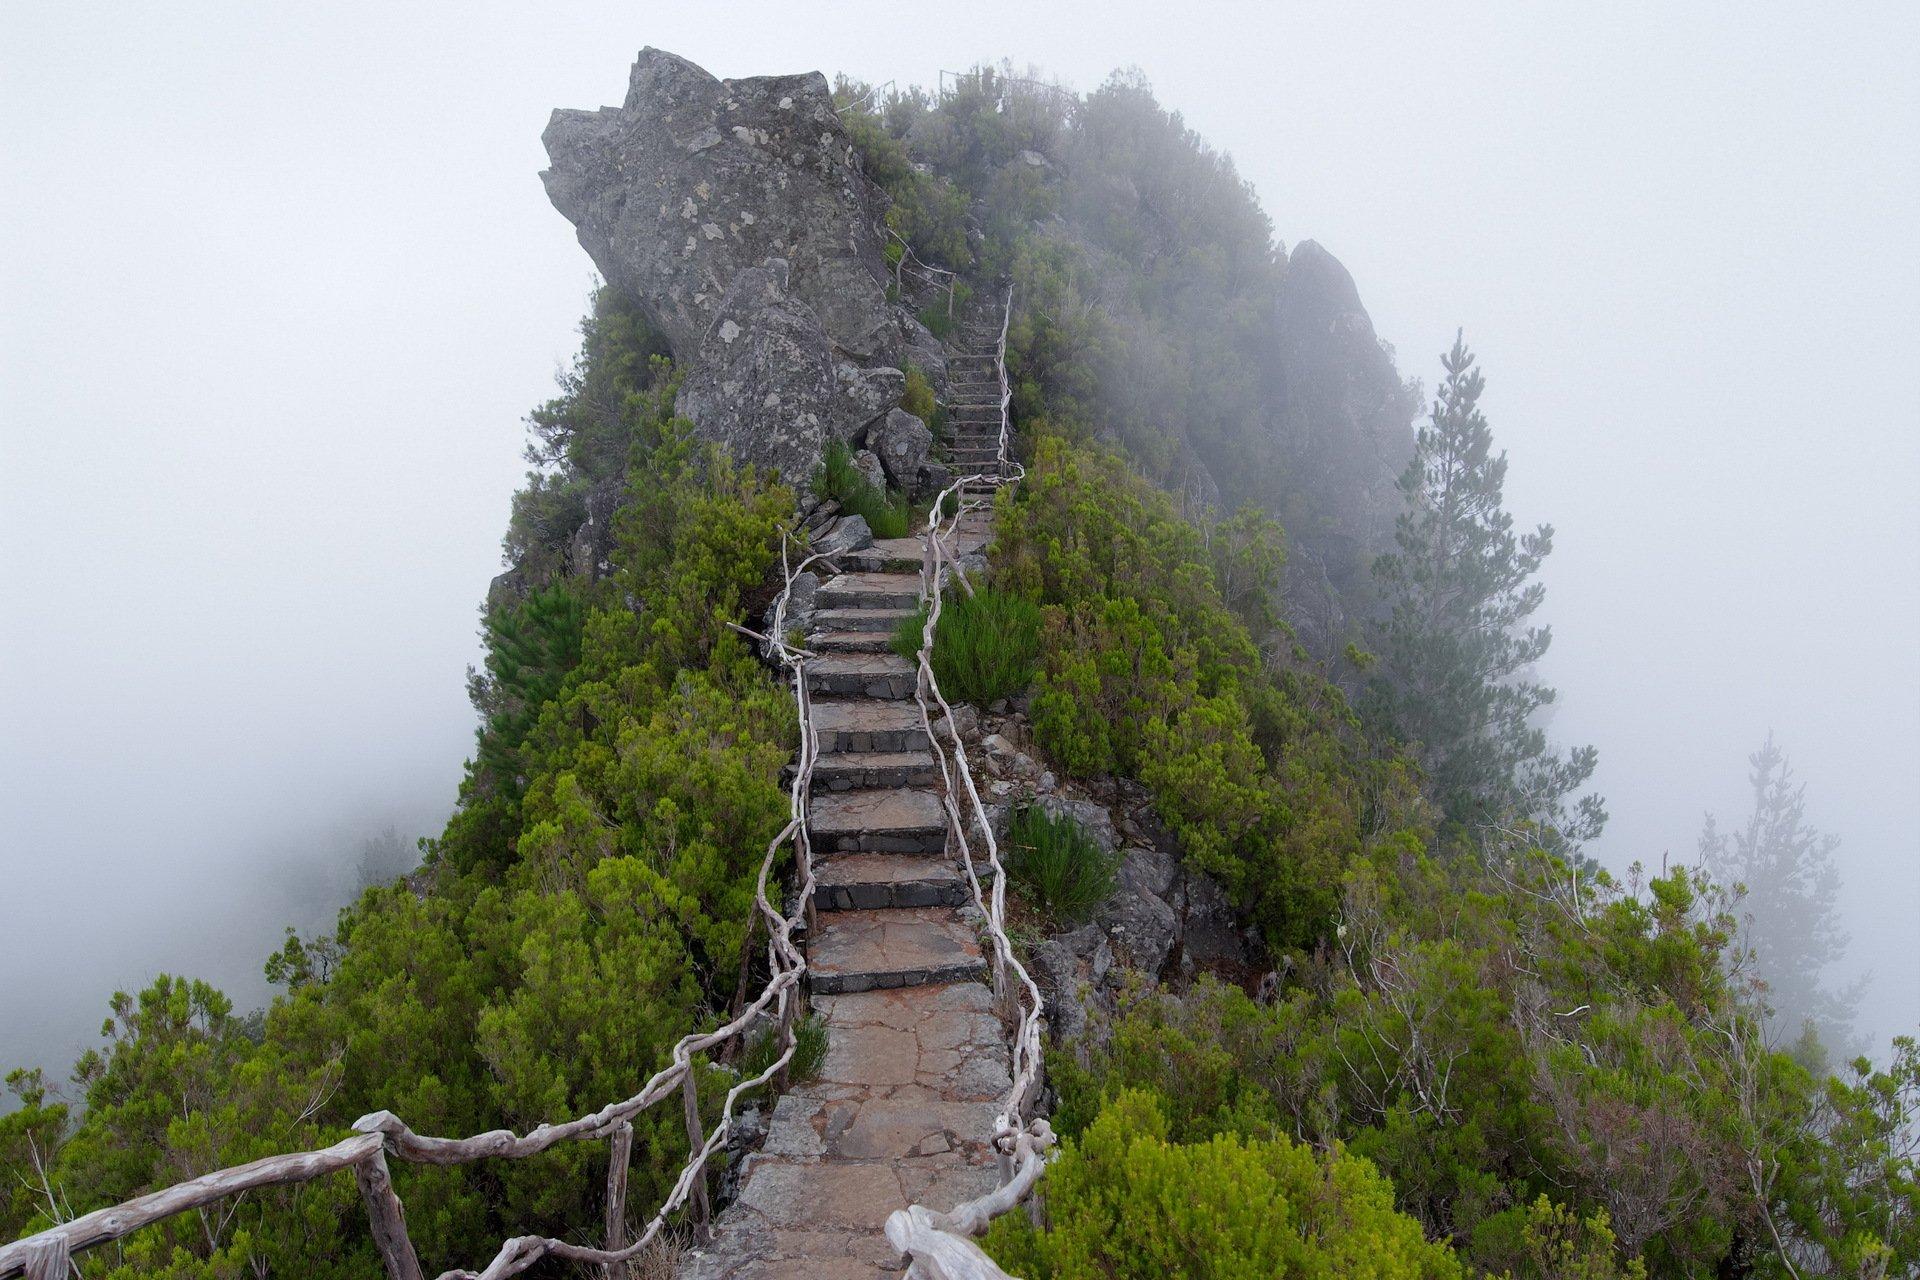 картинки лестницы в гору чёткие изображения